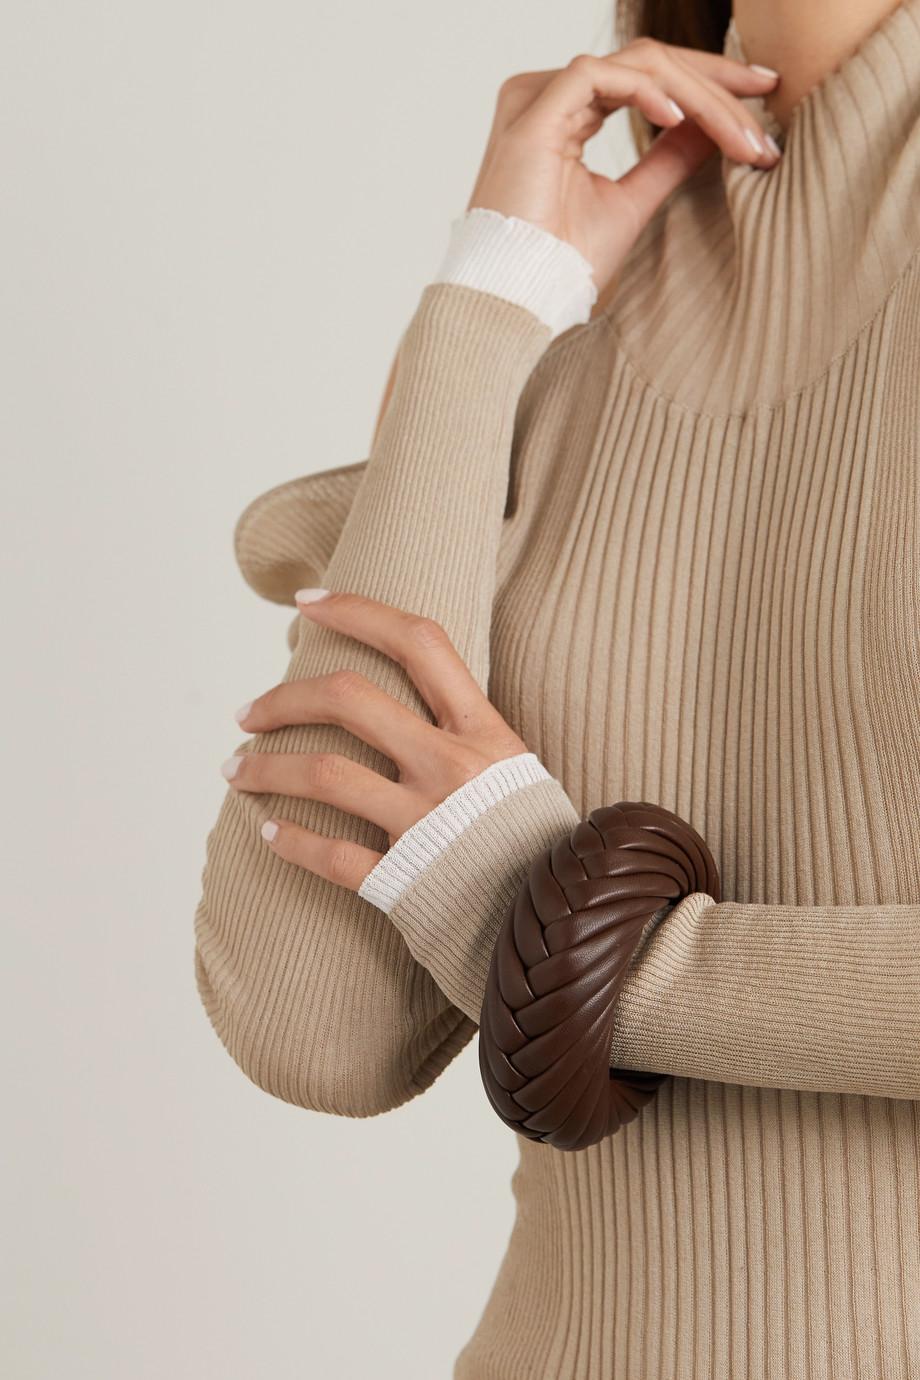 Bottega Veneta 编织皮革手镯